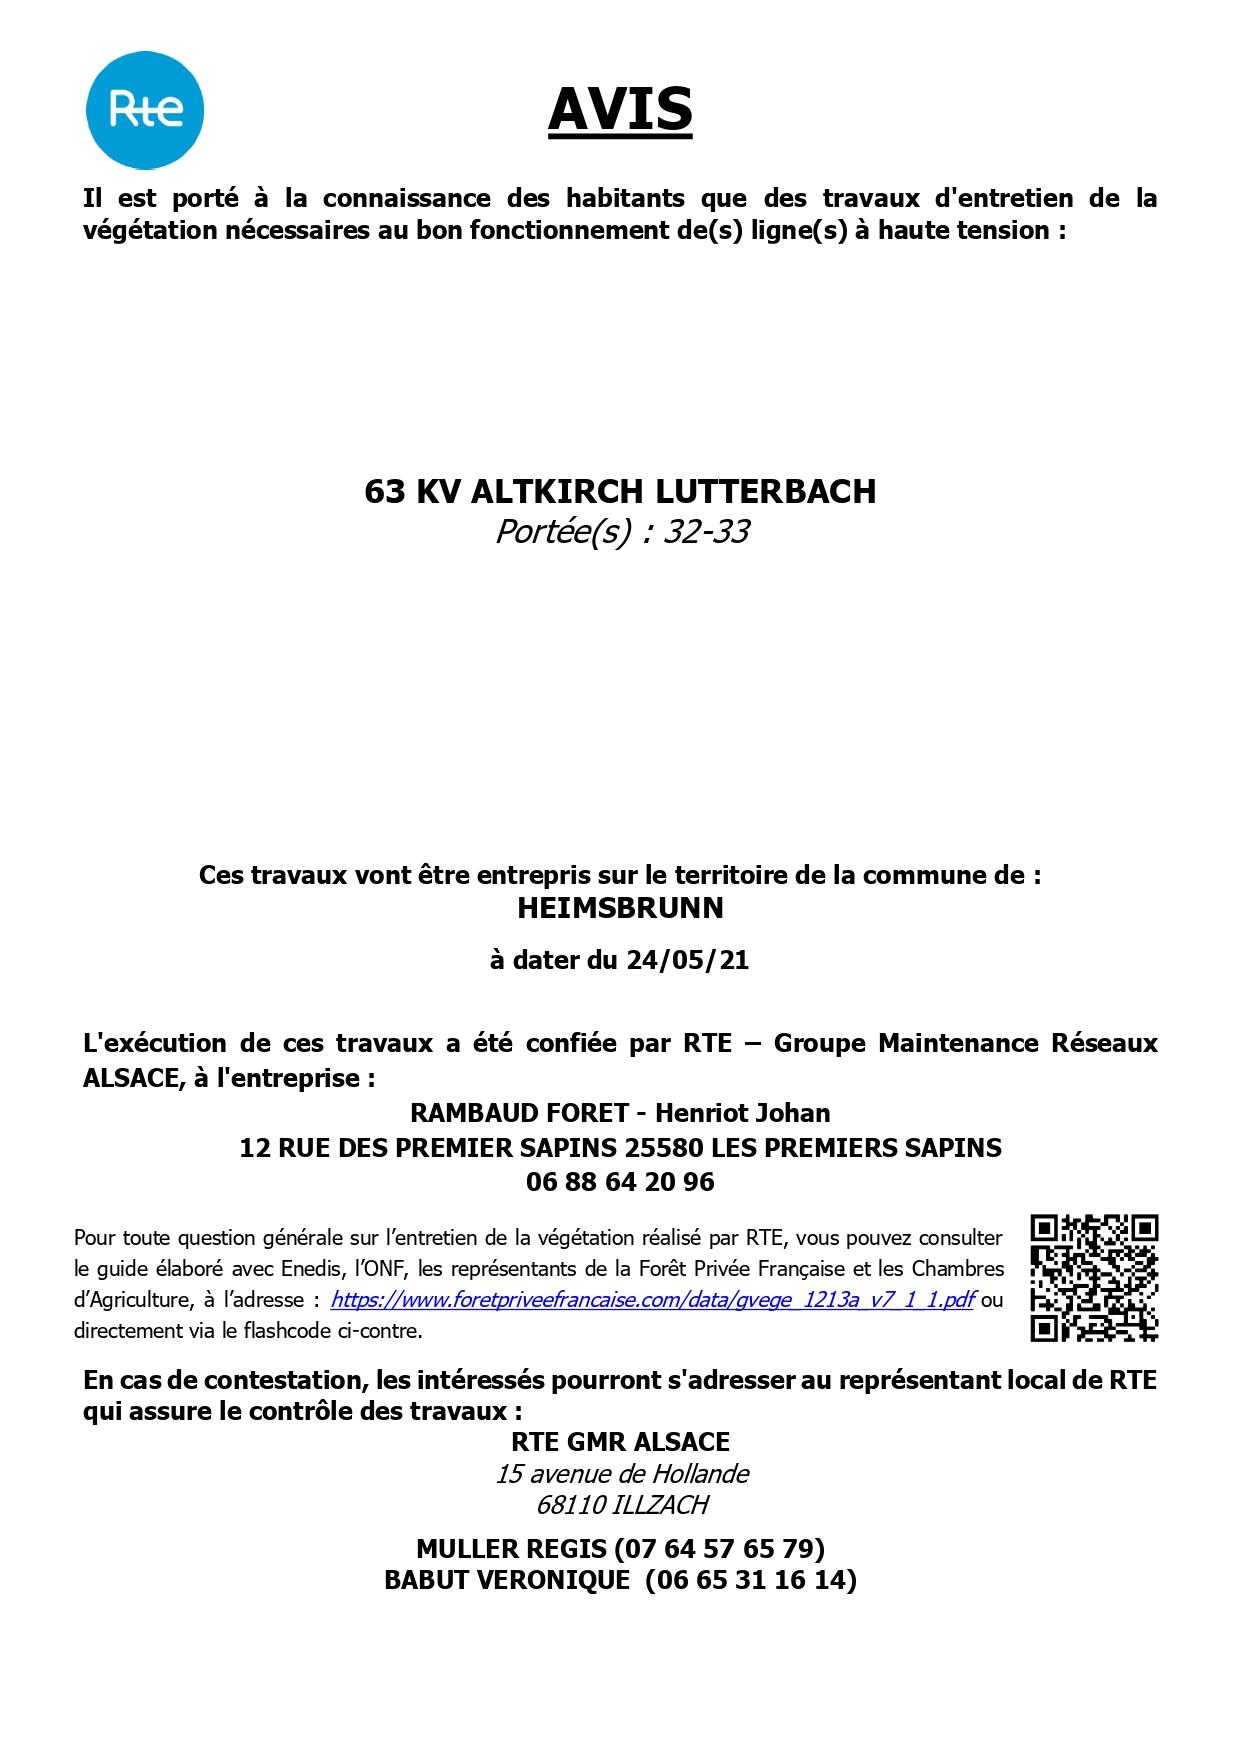 Affiche_Heimsbrunn__R-AL-63kV-Altkirch-Lutterbach__17-05-21.jpg